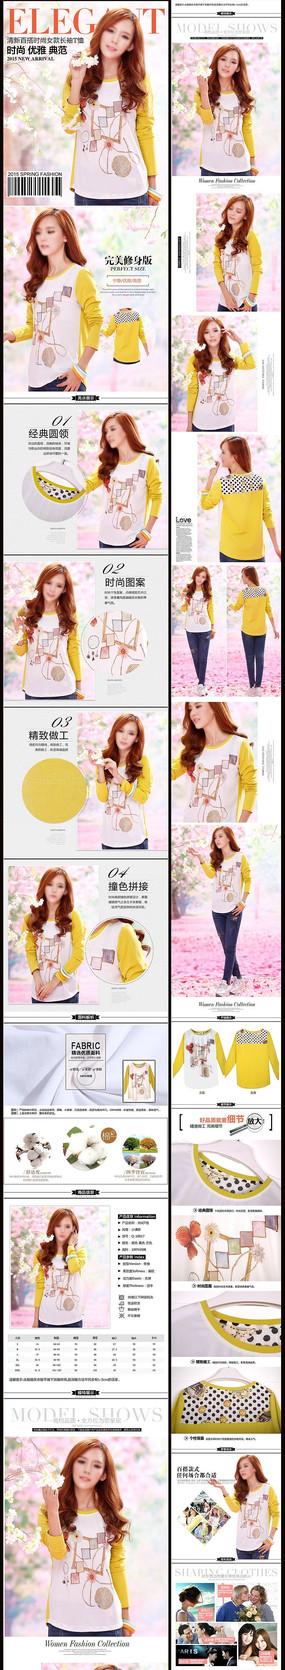 淘宝天猫女装春秋款长袖T恤详情描述页设计